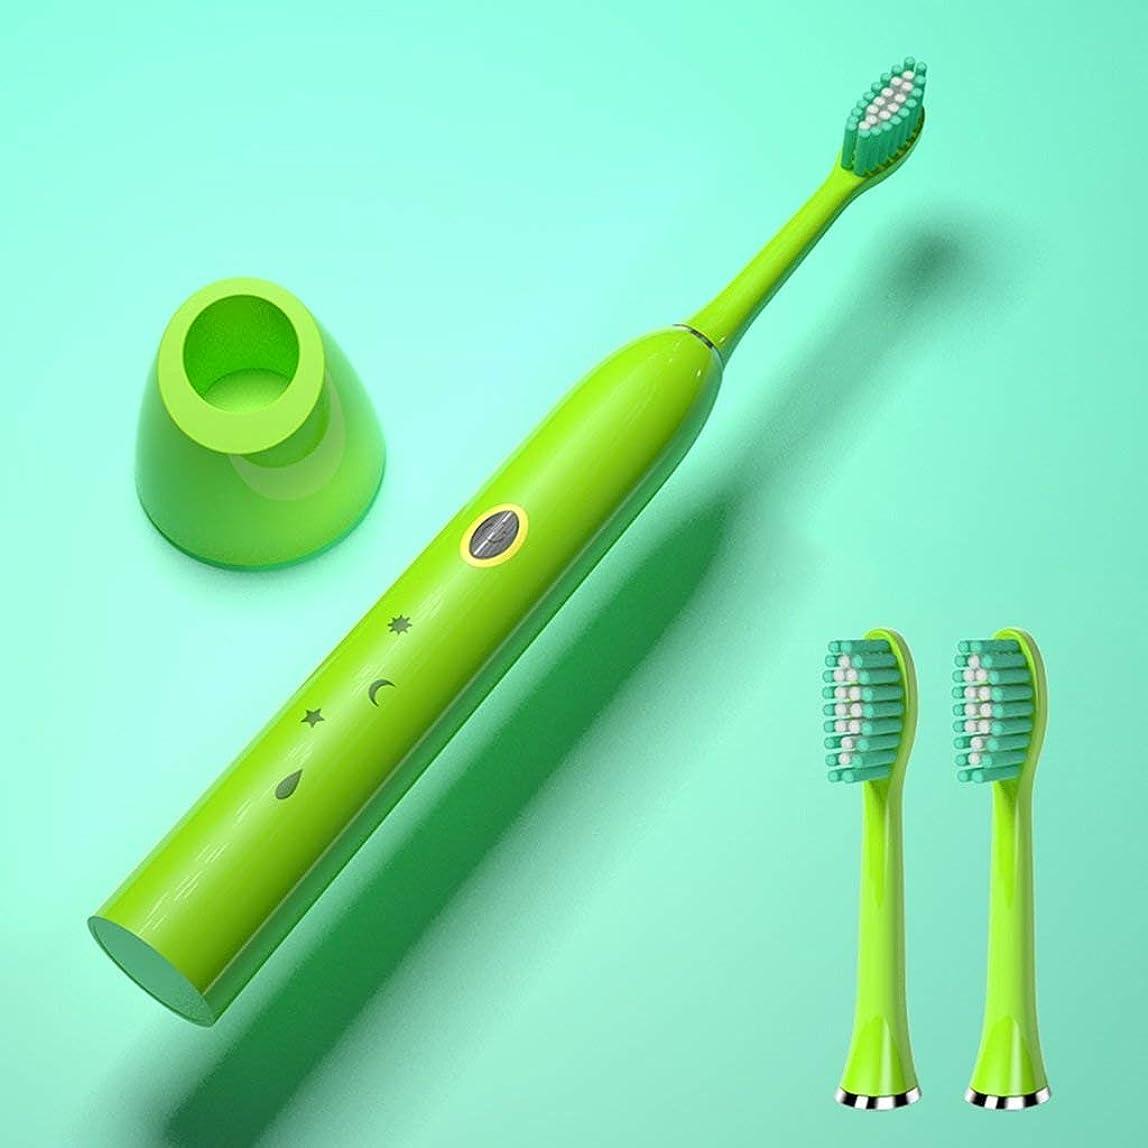 ネックレス落とし穴消化電動歯ブラシ大人の誘導充電式音響振動自動粉砕磁気サスペンション歯ブラシ(カラー:グリーン)